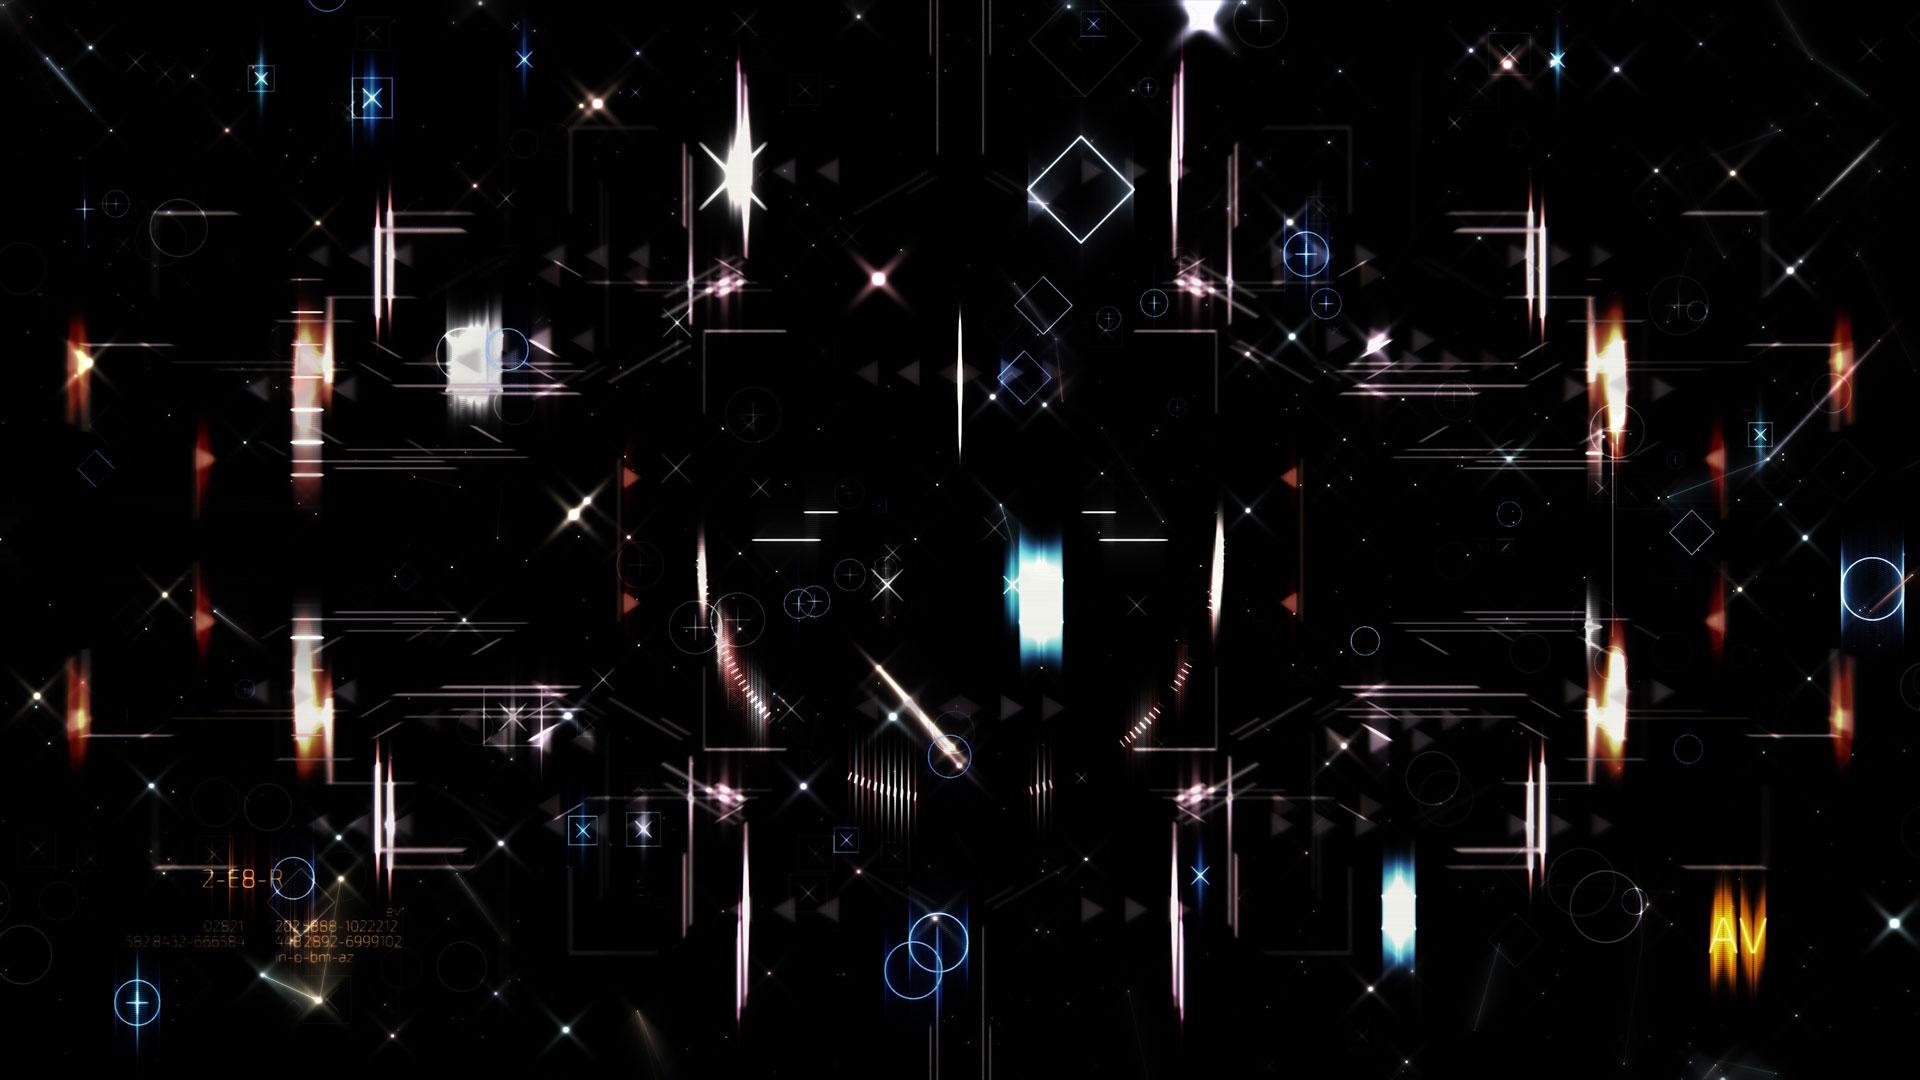 KZ_Cyberspace_03_Still002